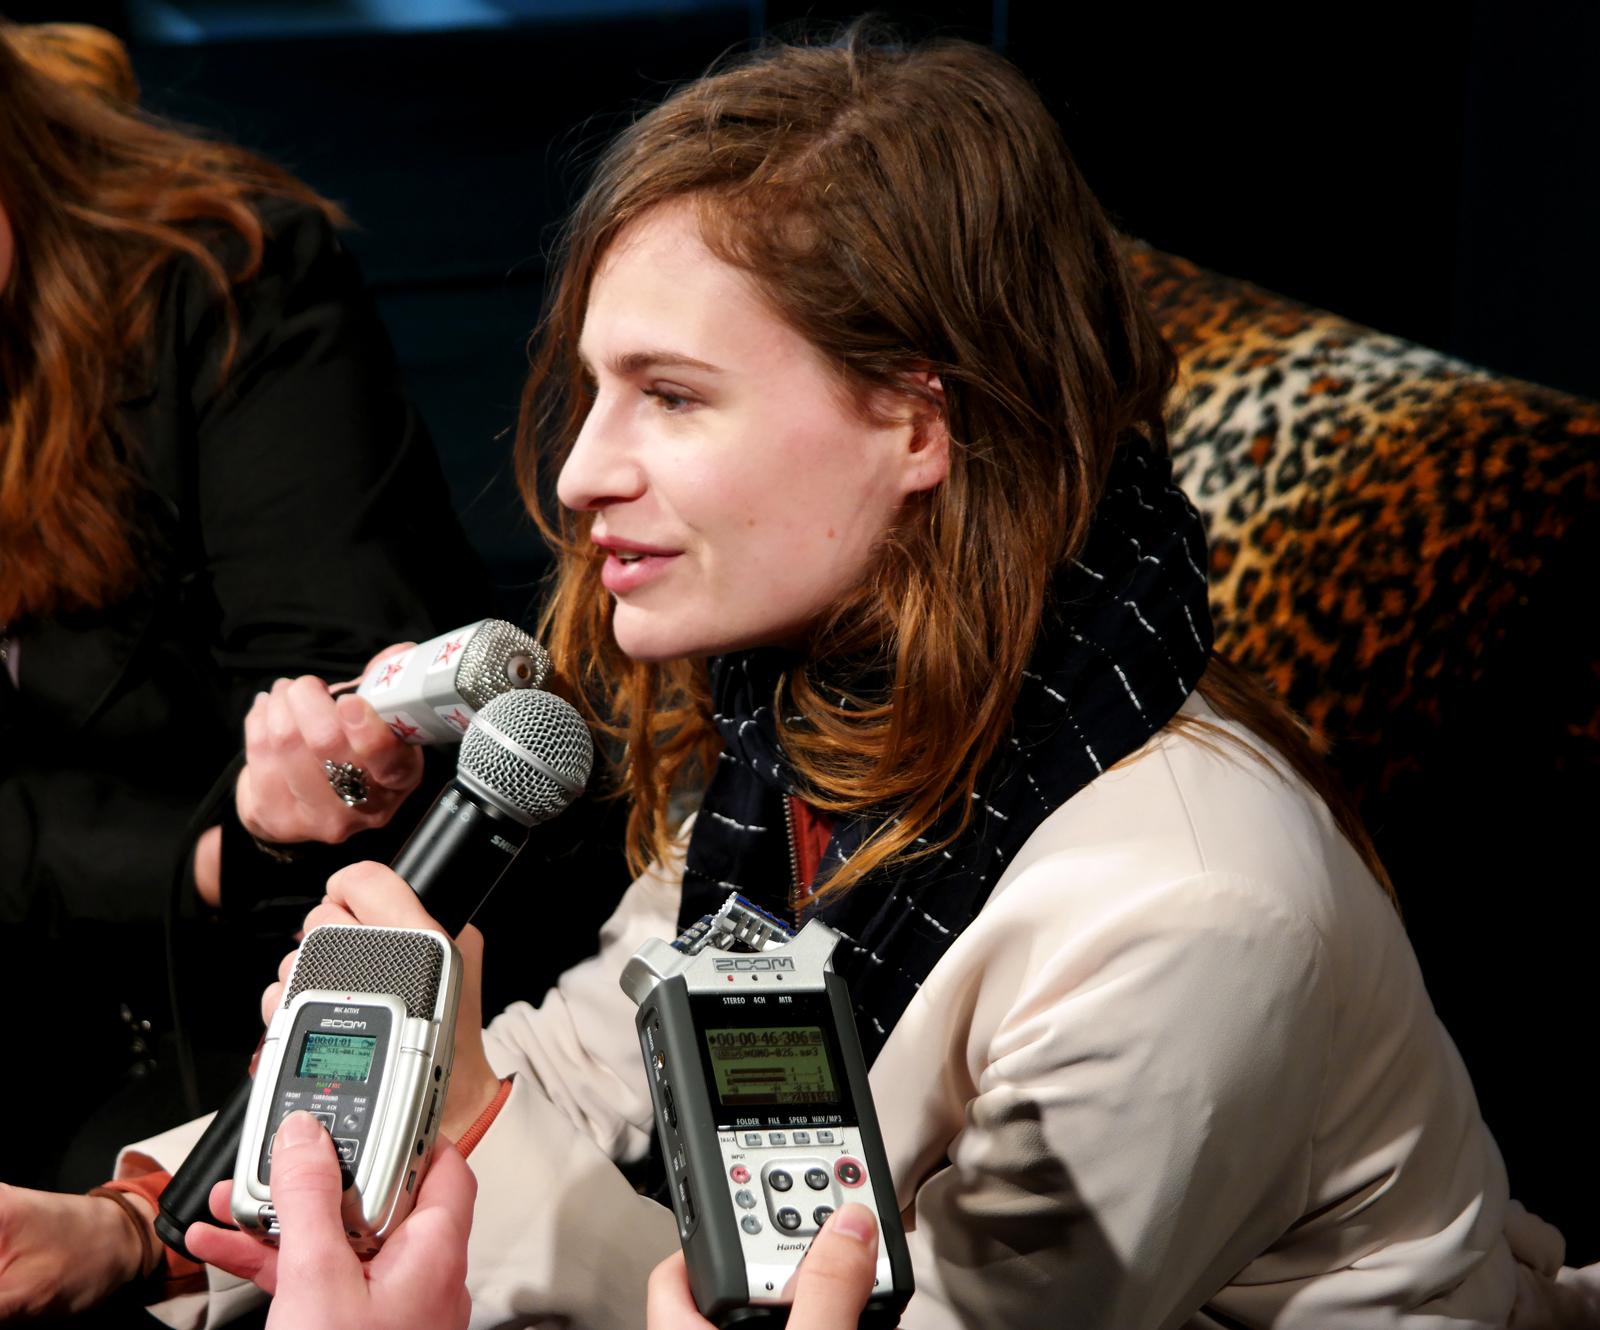 Christine-and-the-queens-concert-festival-Art-Rock-2015-interview-conférence-de-presse-saint-brieuc-tournée-chaleur-humaine-tour-france-bretagne-photo-by-united-states-of-paris-blog